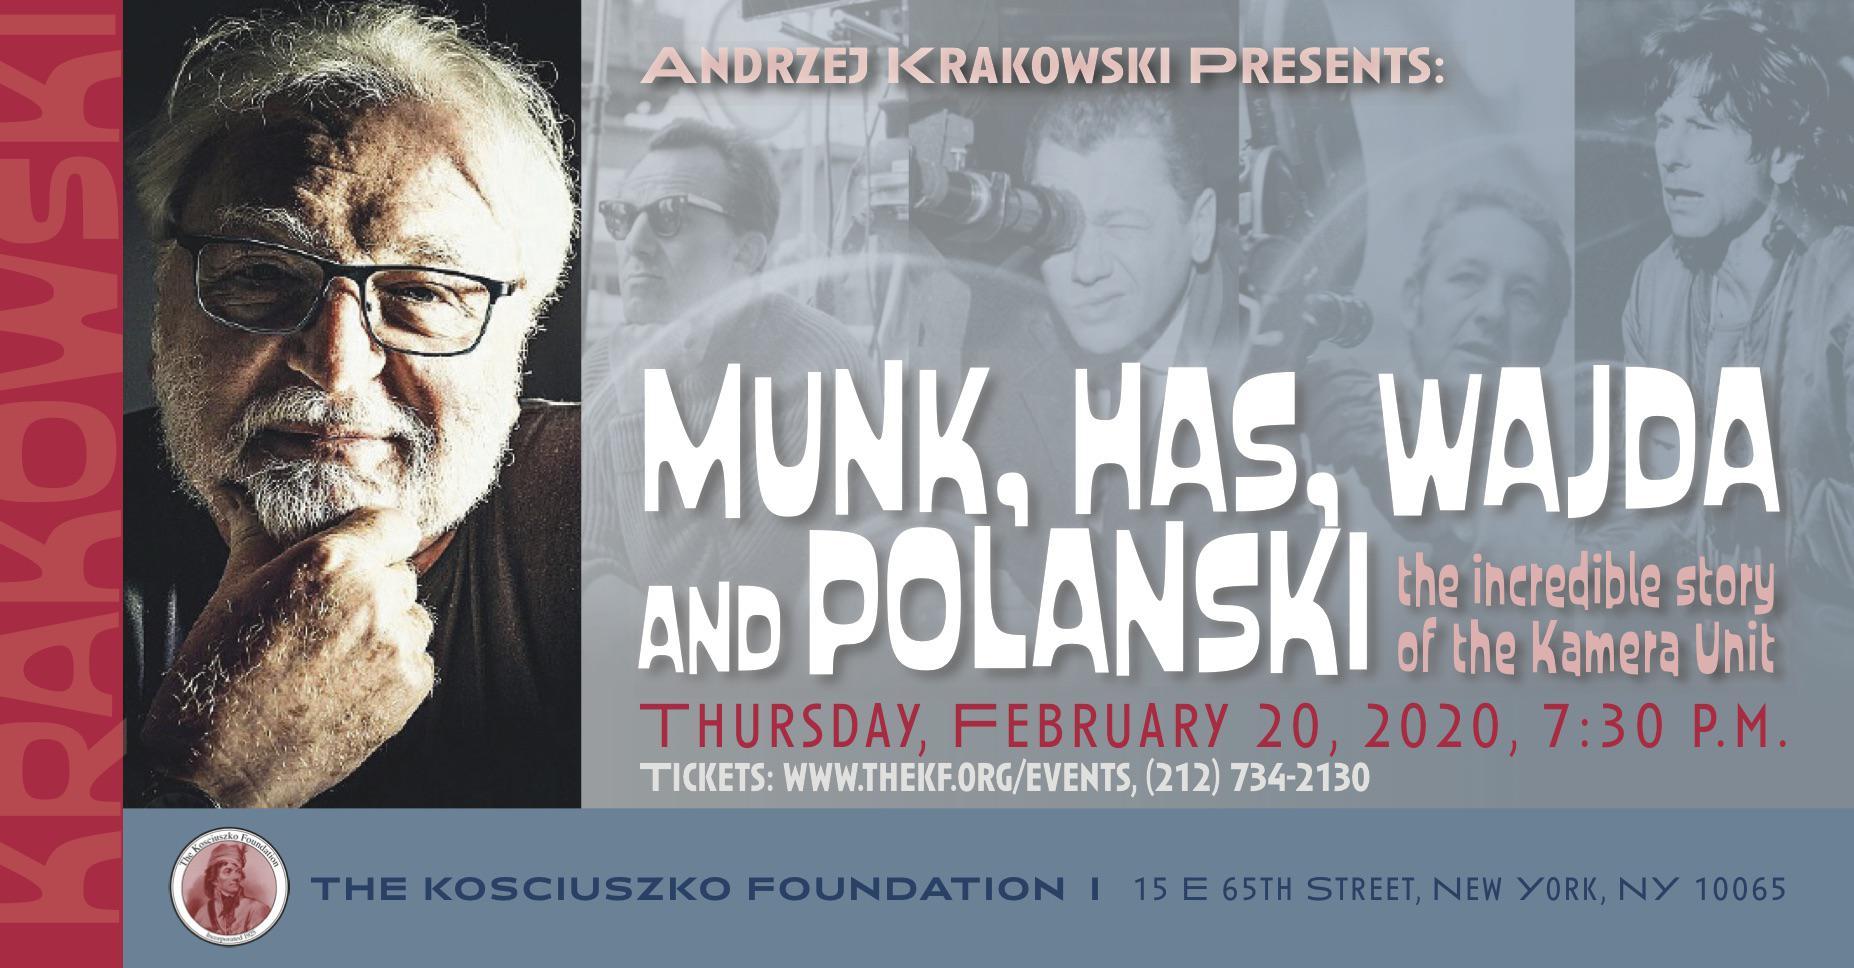 Andrzej Krakowski Presents... at The Kosciuszko Foundation